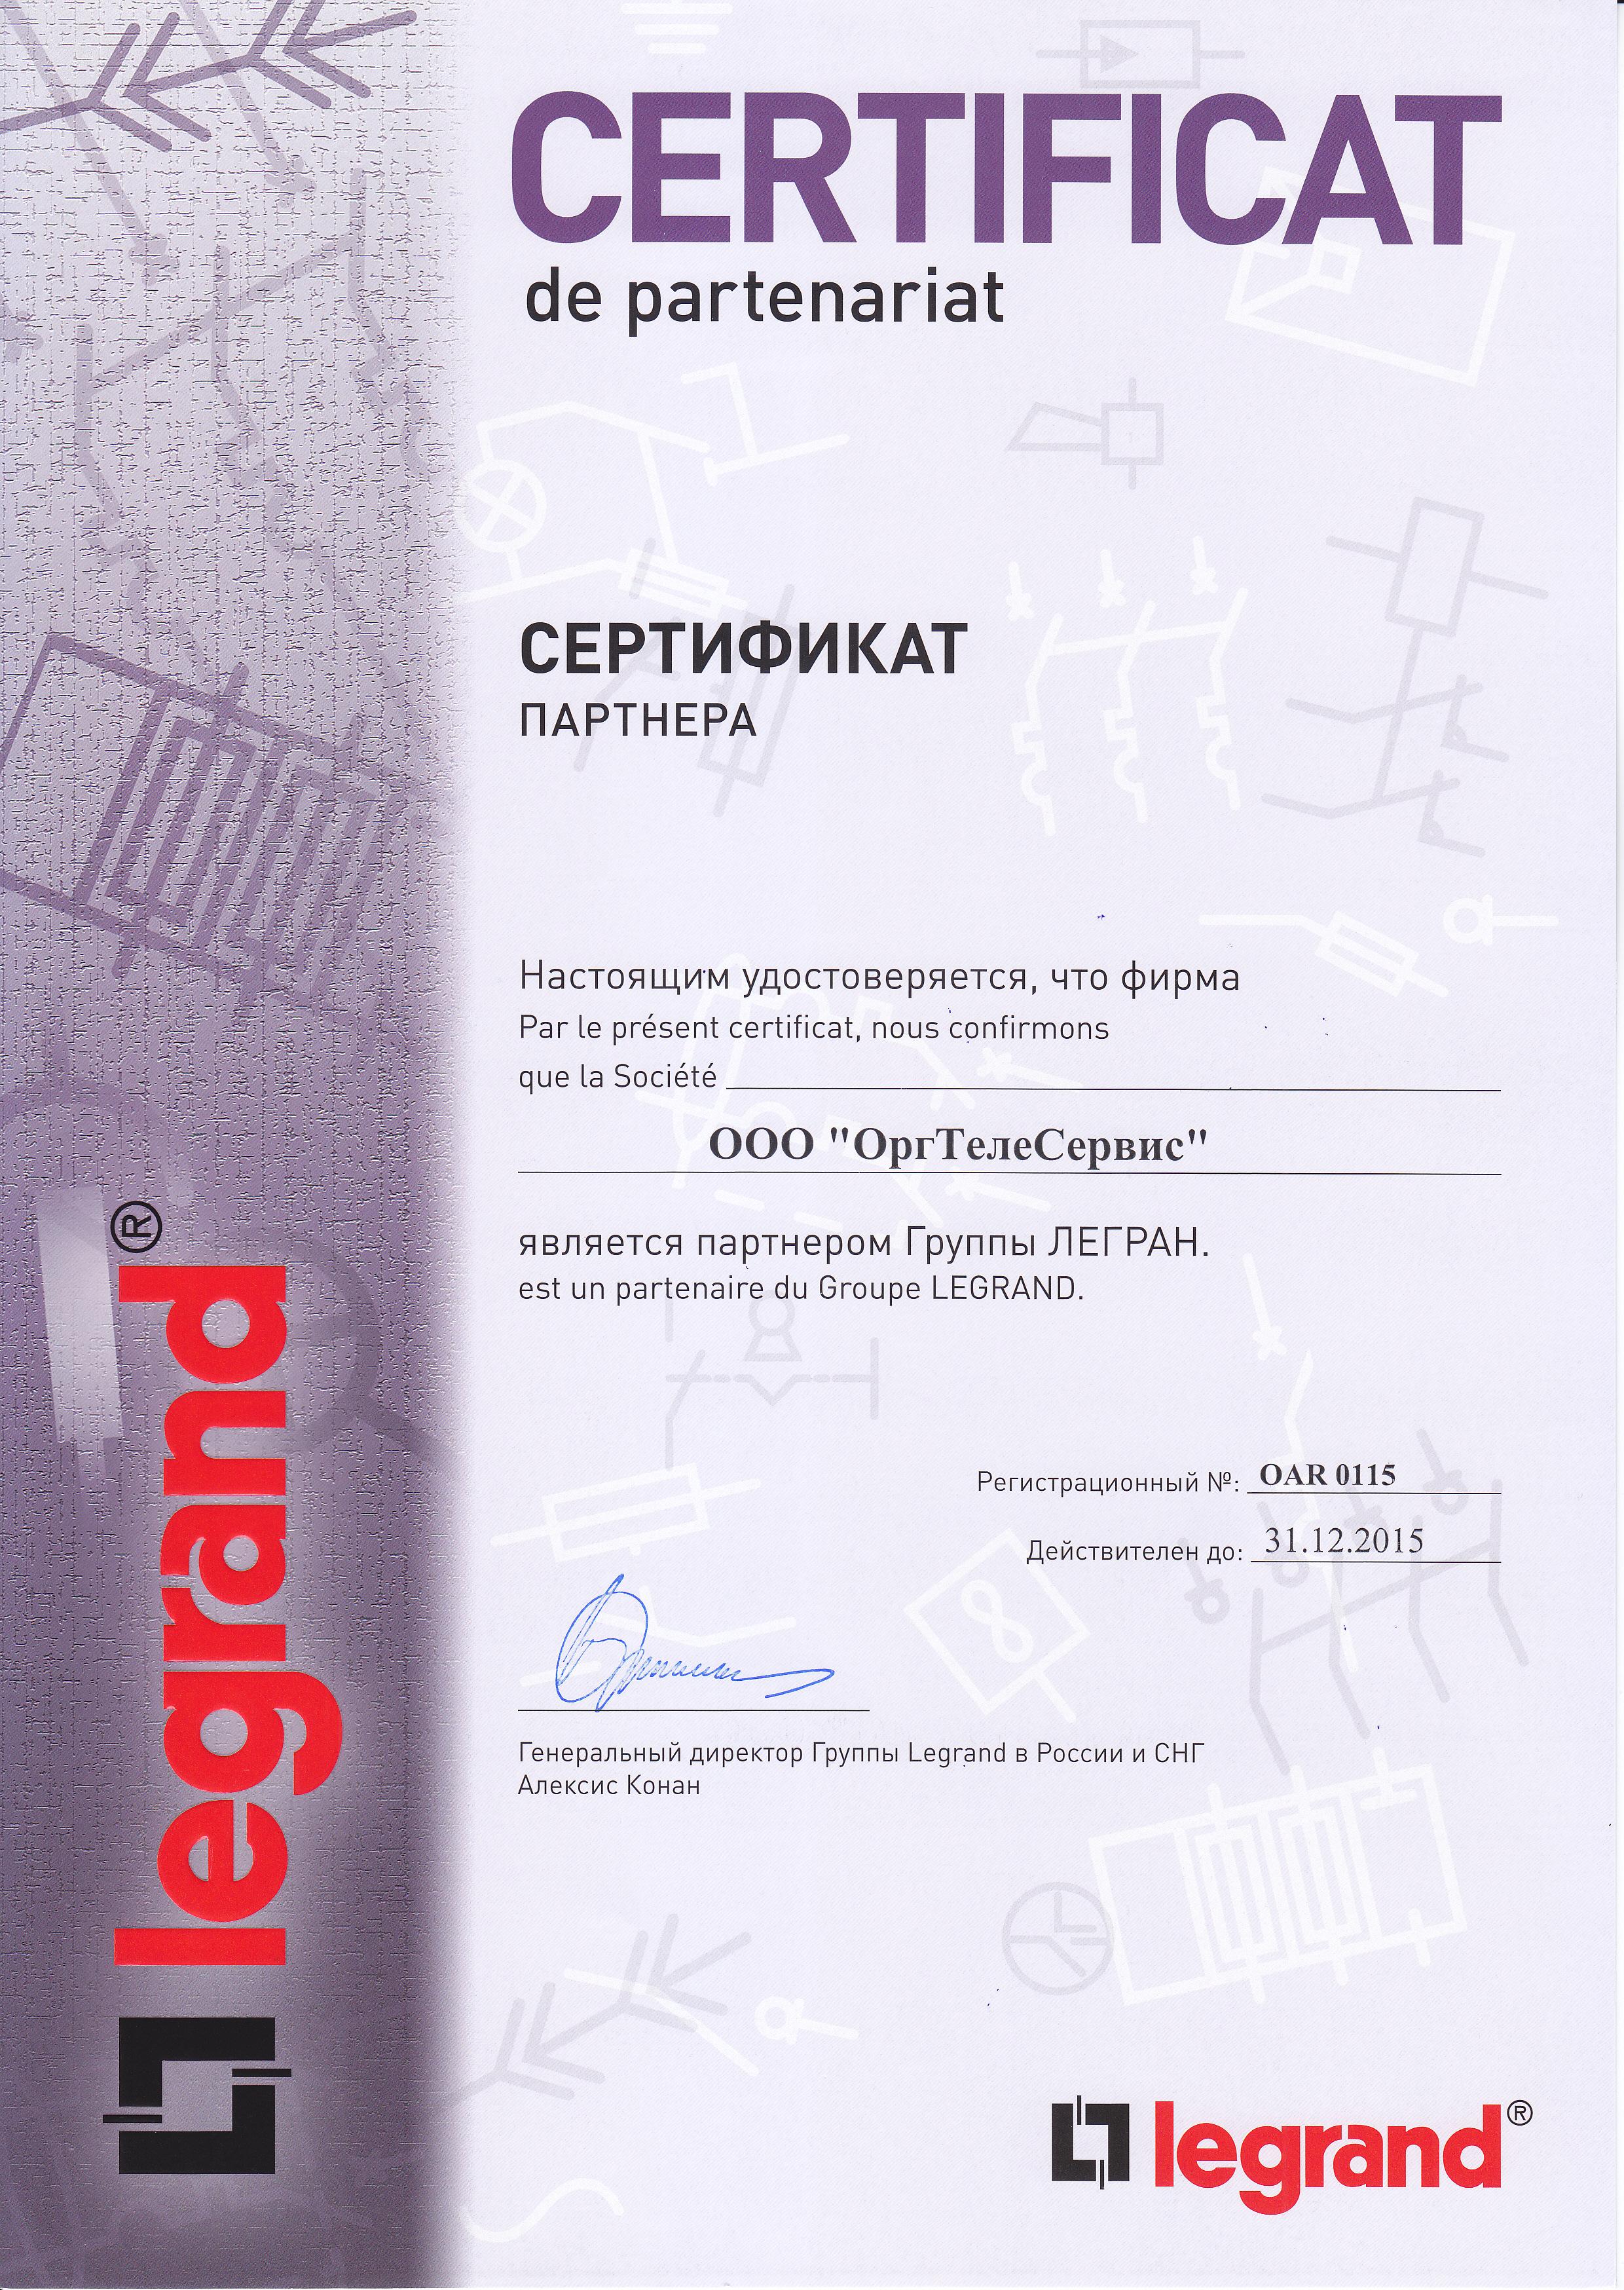 Сертификат партнера Ericsson-LG